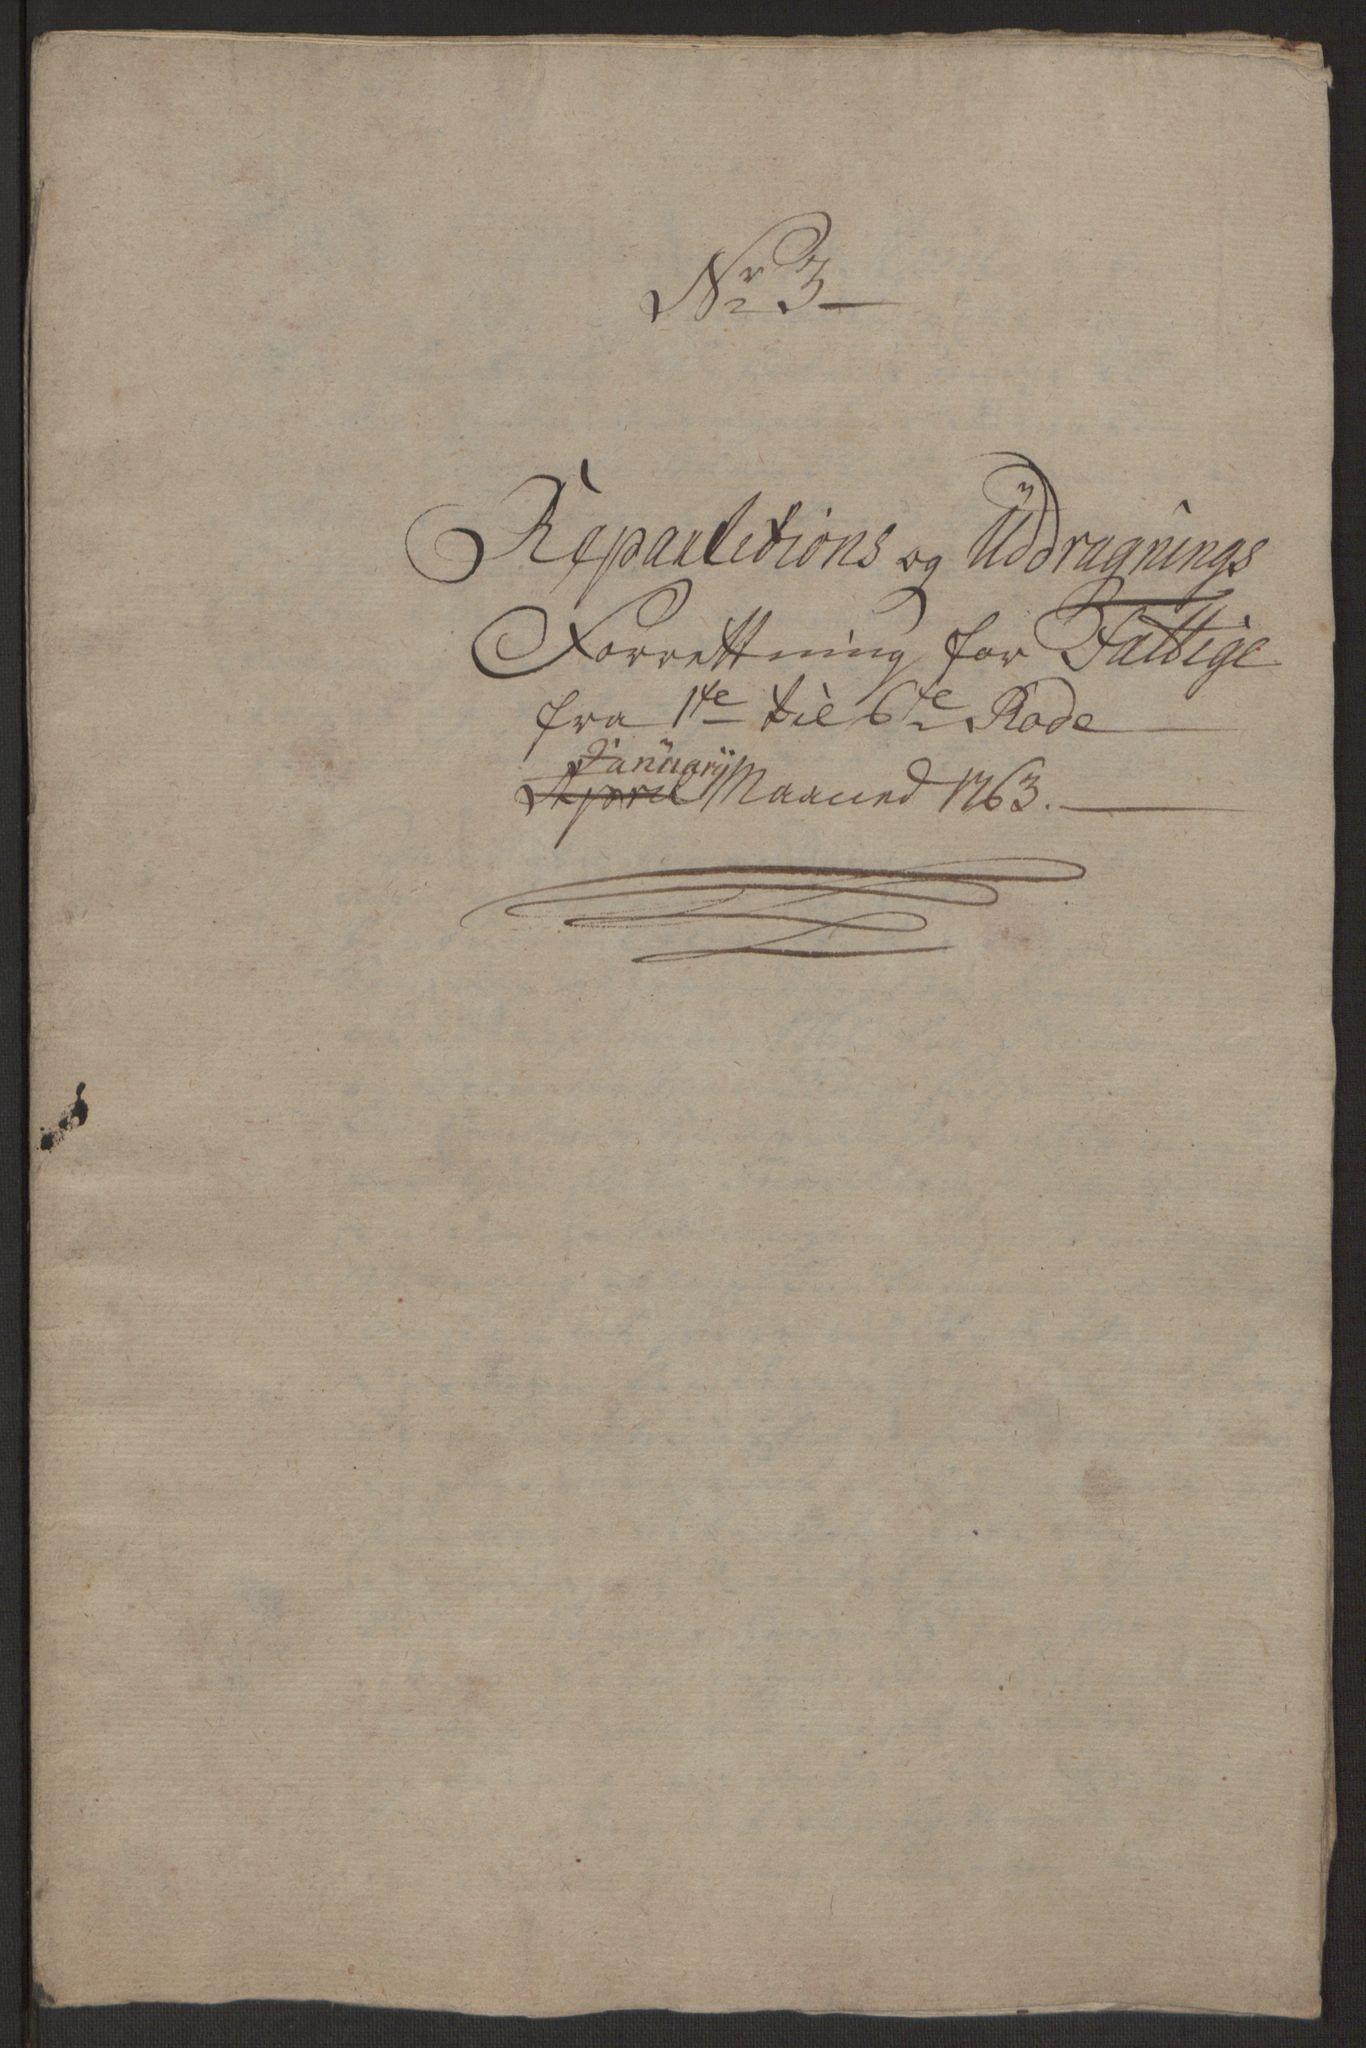 RA, Rentekammeret inntil 1814, Reviderte regnskaper, Byregnskaper, R/Rp/L0366: [P20] Kontribusjonsregnskap, 1763, s. 158